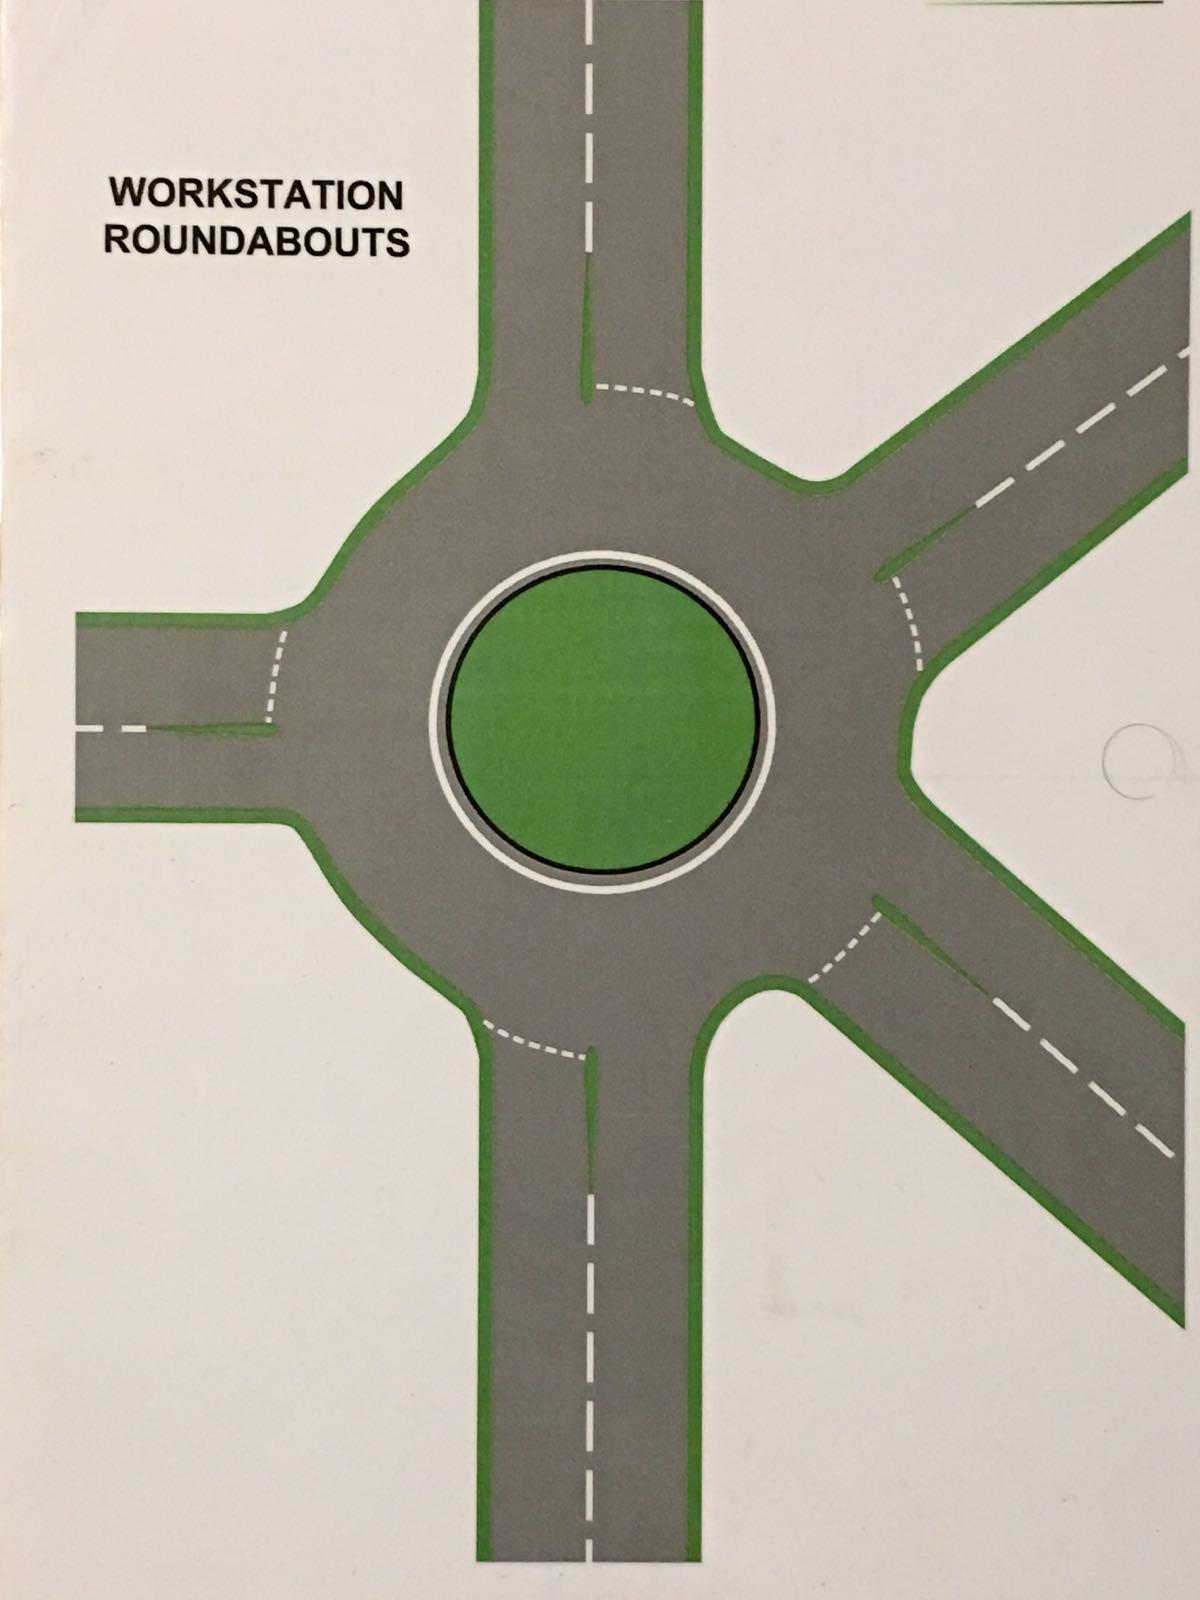 Roundabouts (1)